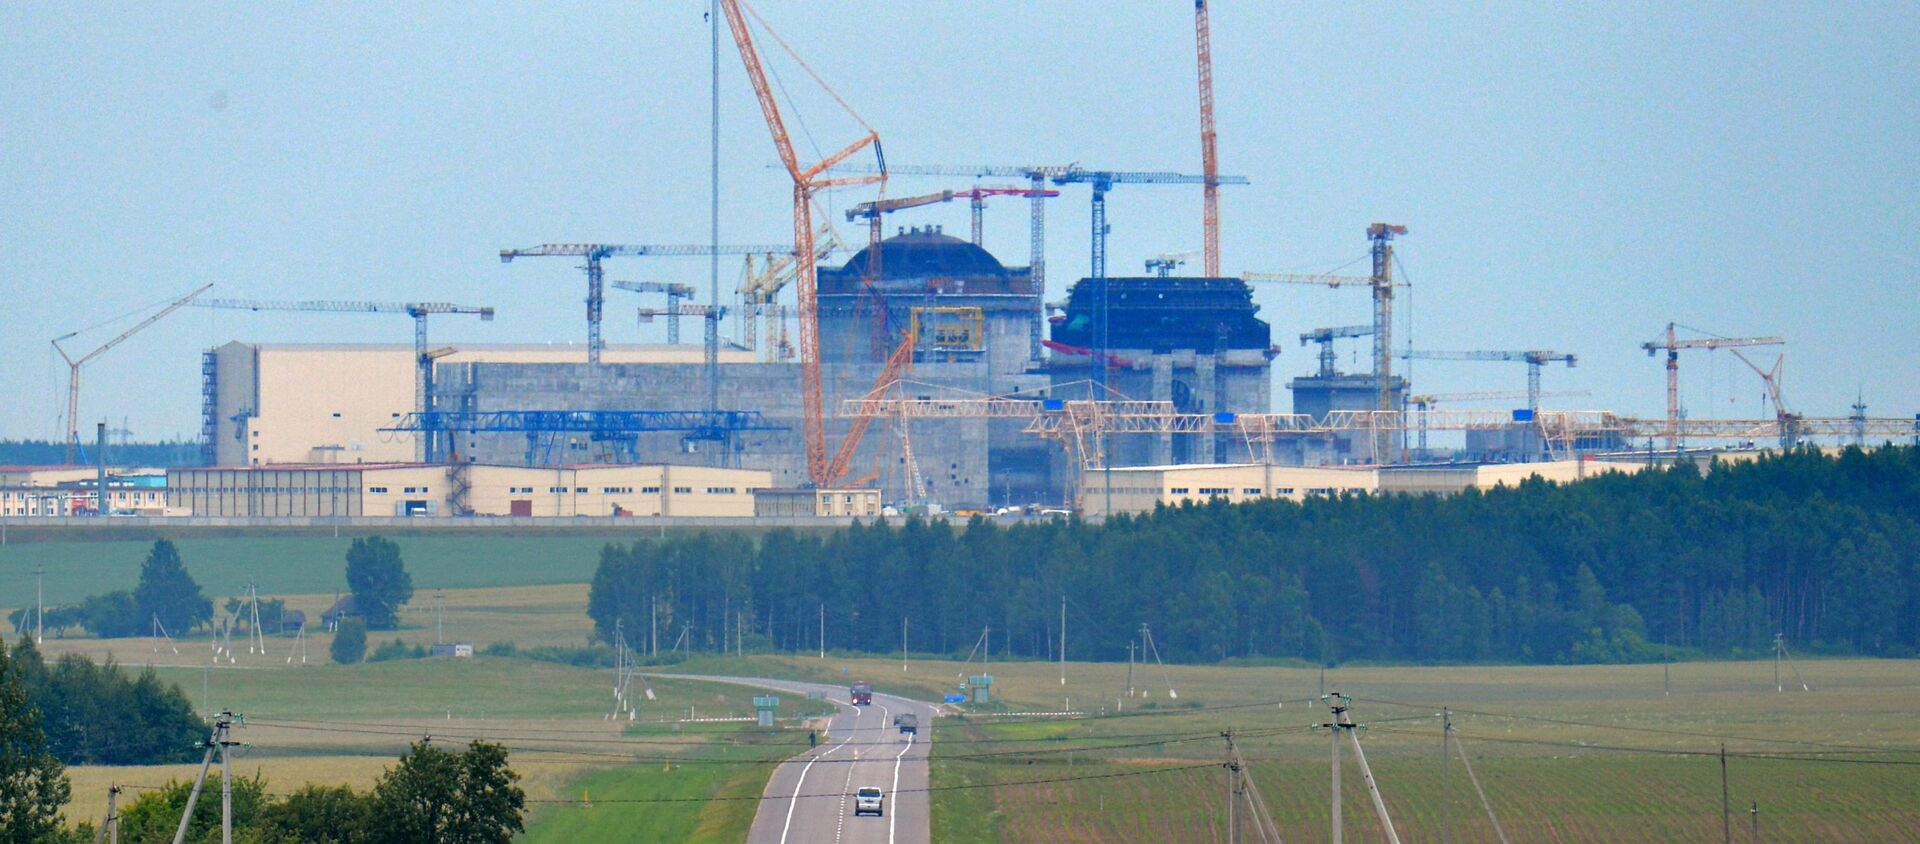 Białoruska elektrownia jądrowa powstająca 18 km od miasta Ostrowiec - Sputnik Polska, 1920, 26.04.2021